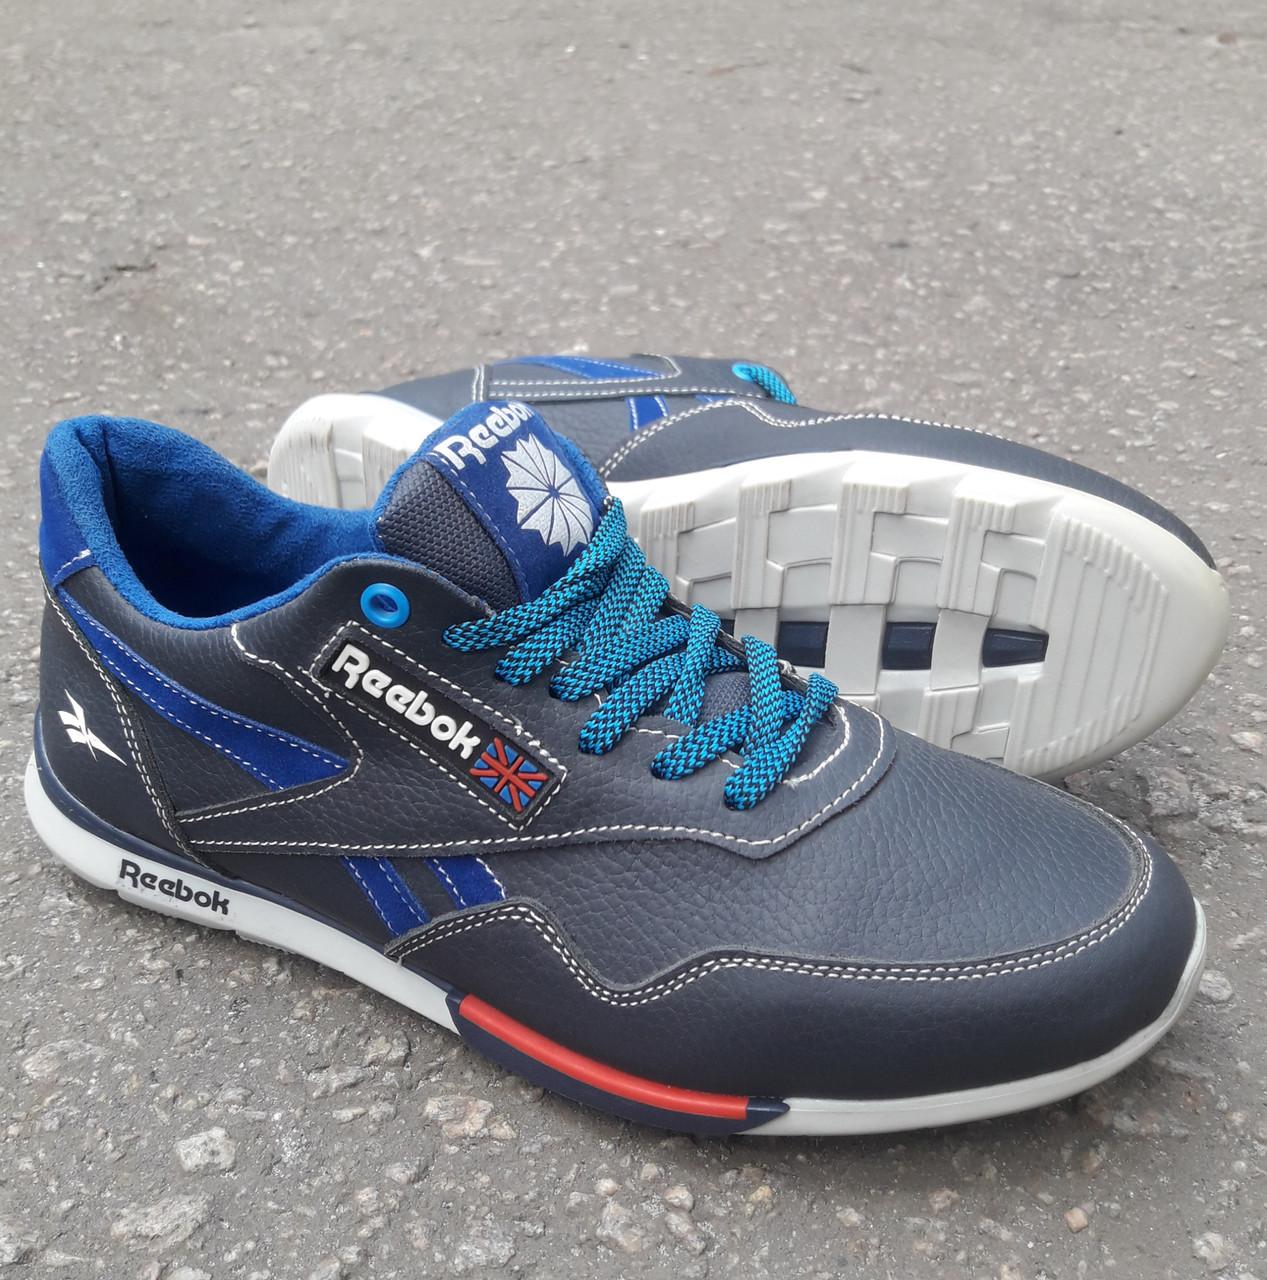 Кросівки Adidas р. 41 шкіра Харків темно-сині